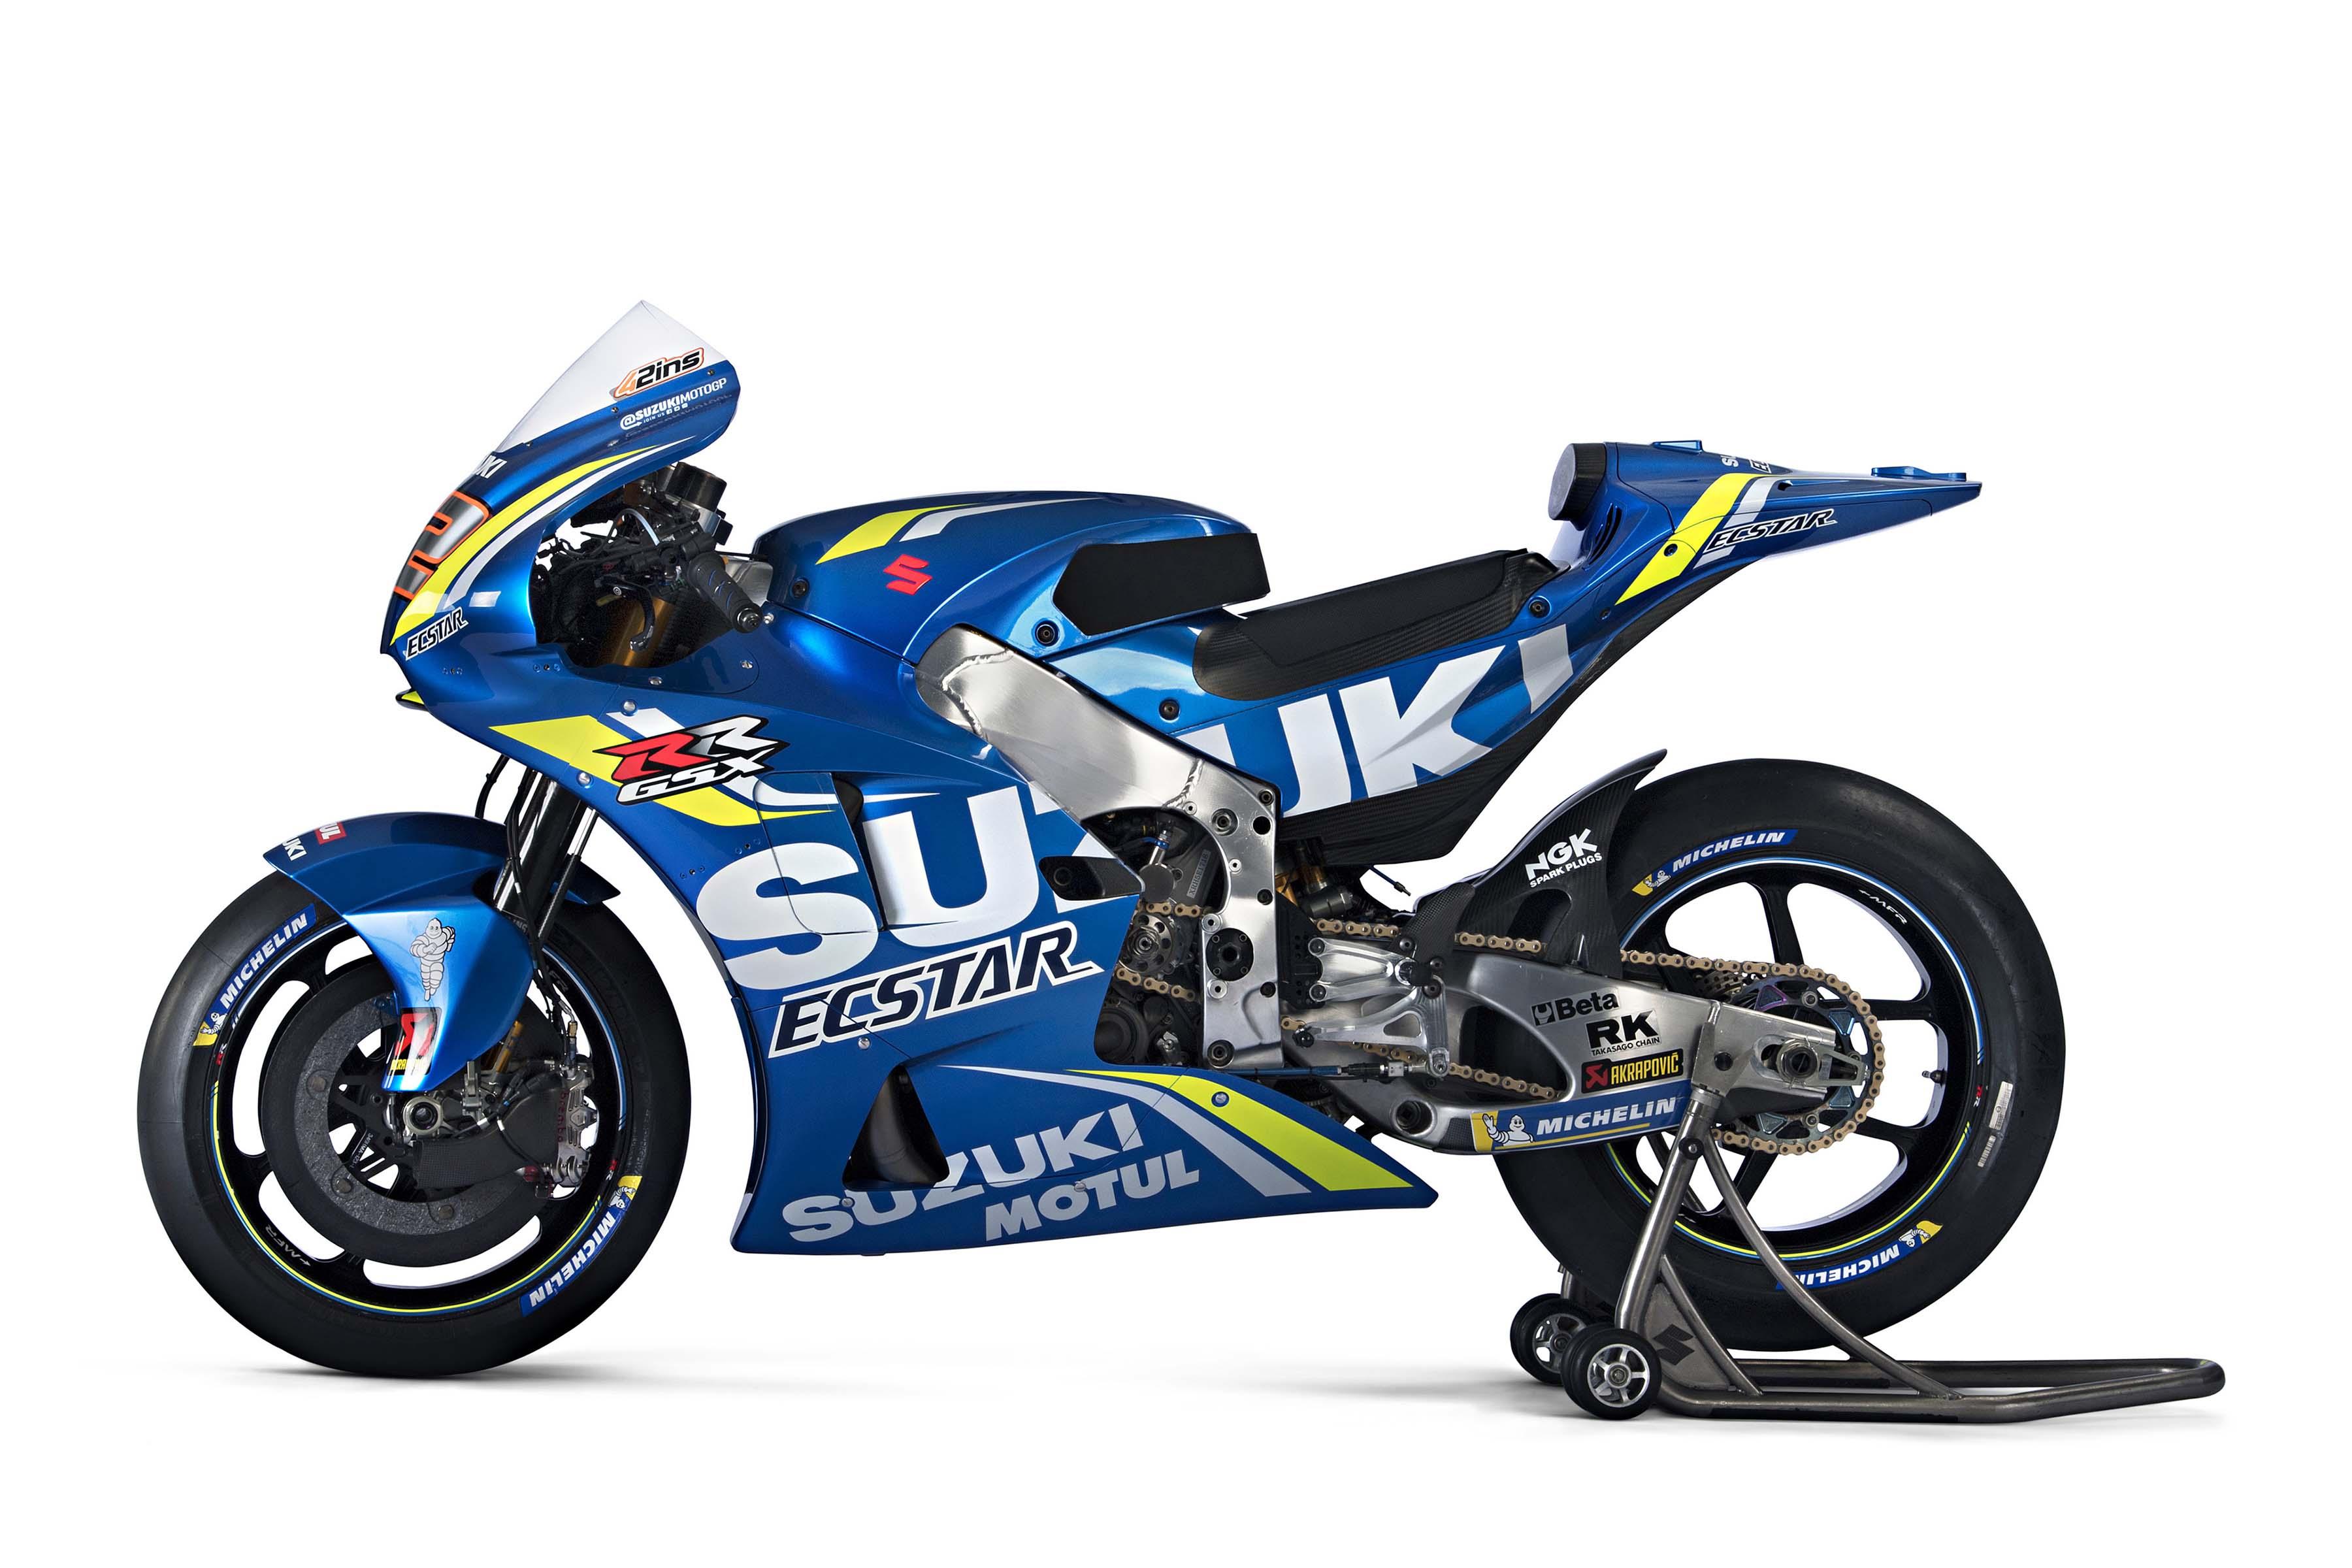 Suzuki Ecstar